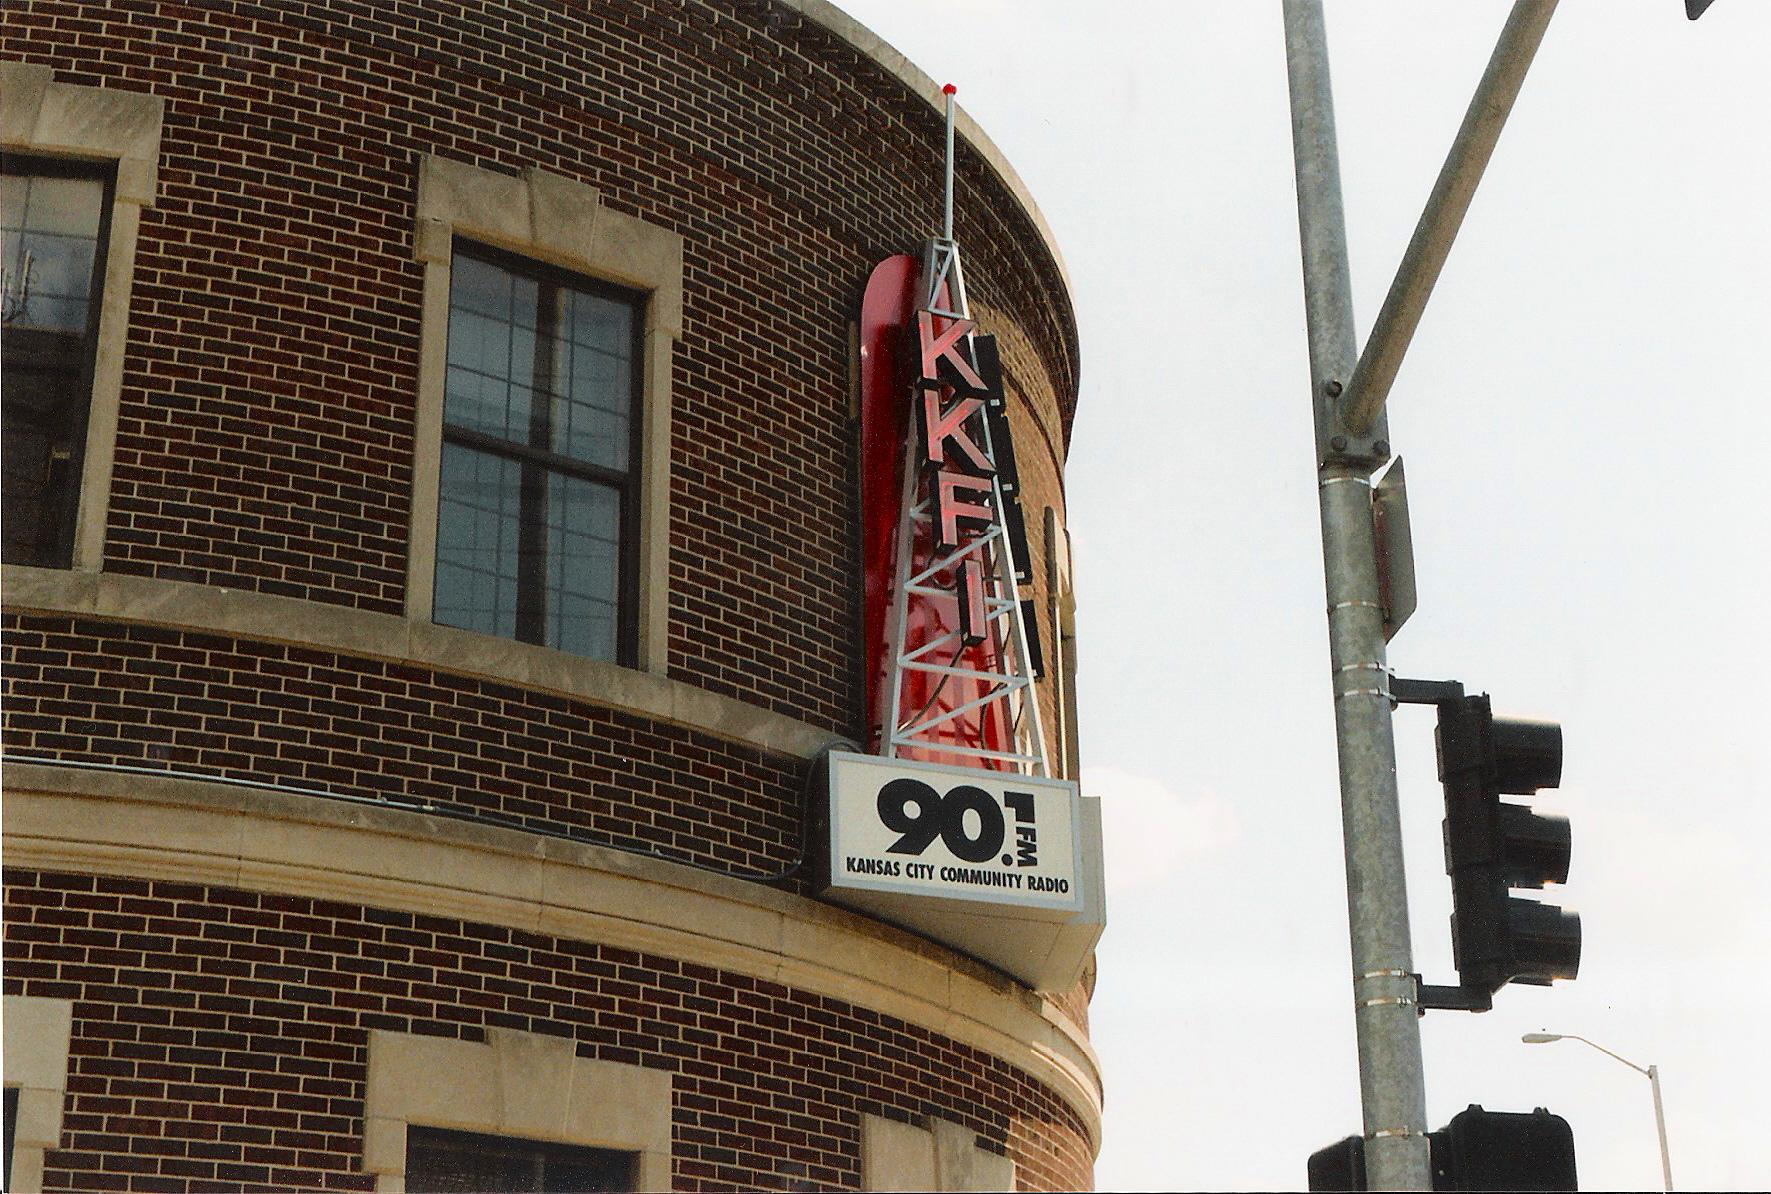 KKFI Community Radio 90.1 fm  24/7  365